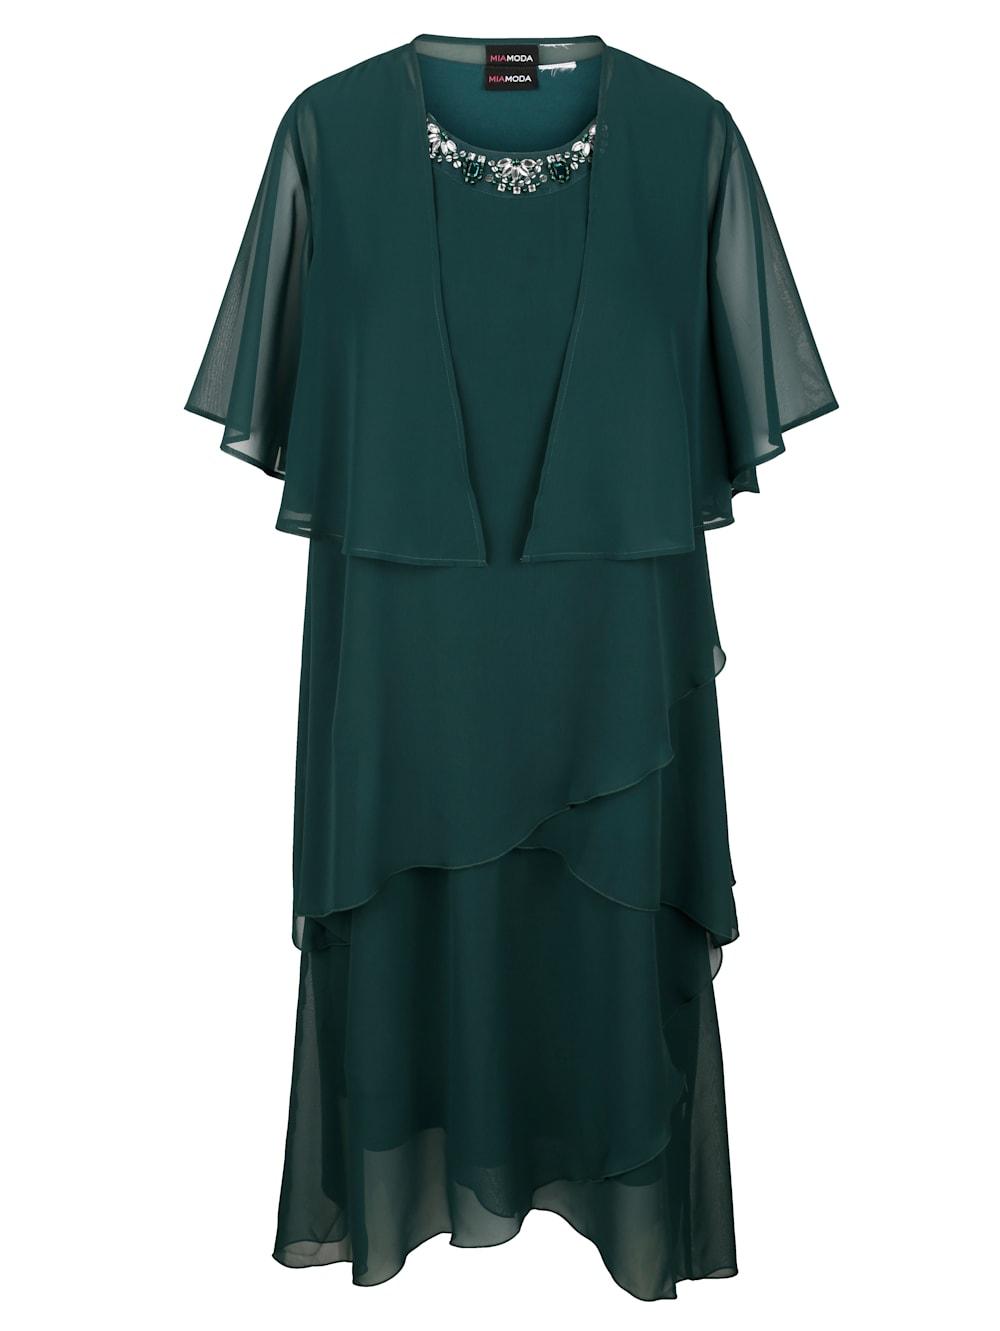 MIAMODA Bolero und Kleid mit effektvollen Abstufungen  Mia Moda